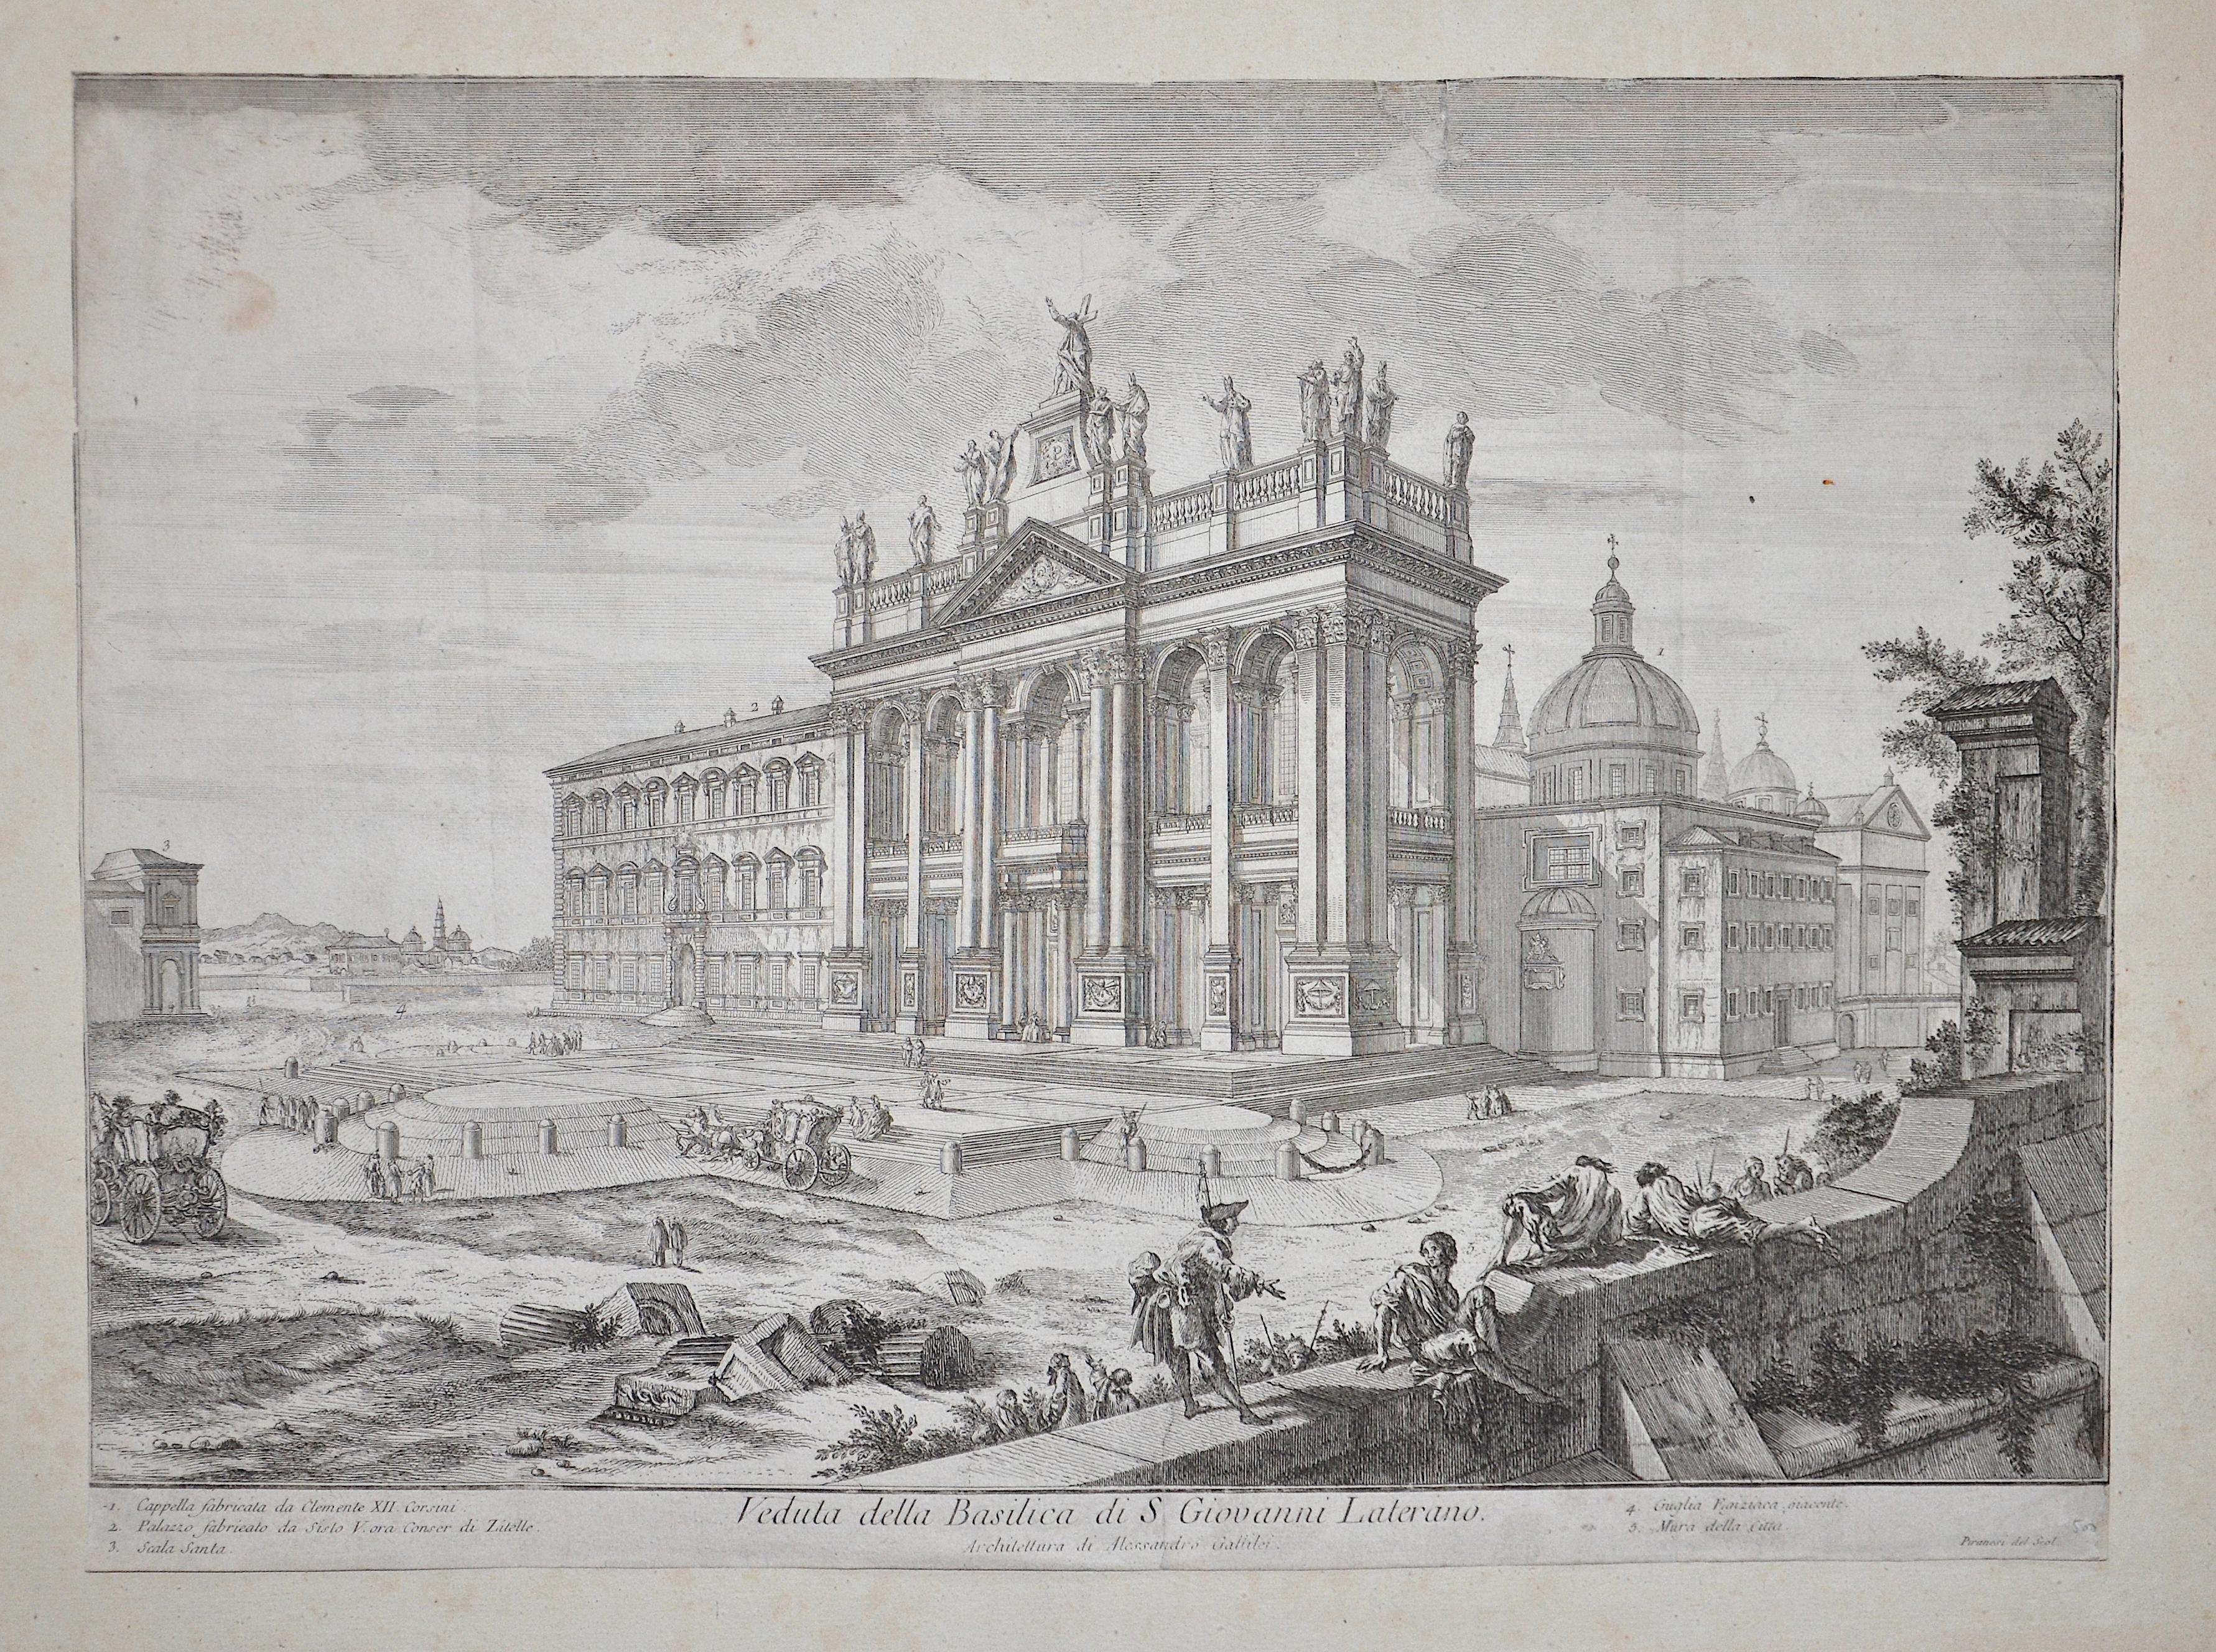 Piranesi Francesco Veduta della Basilica di S Giovanni Laterano.